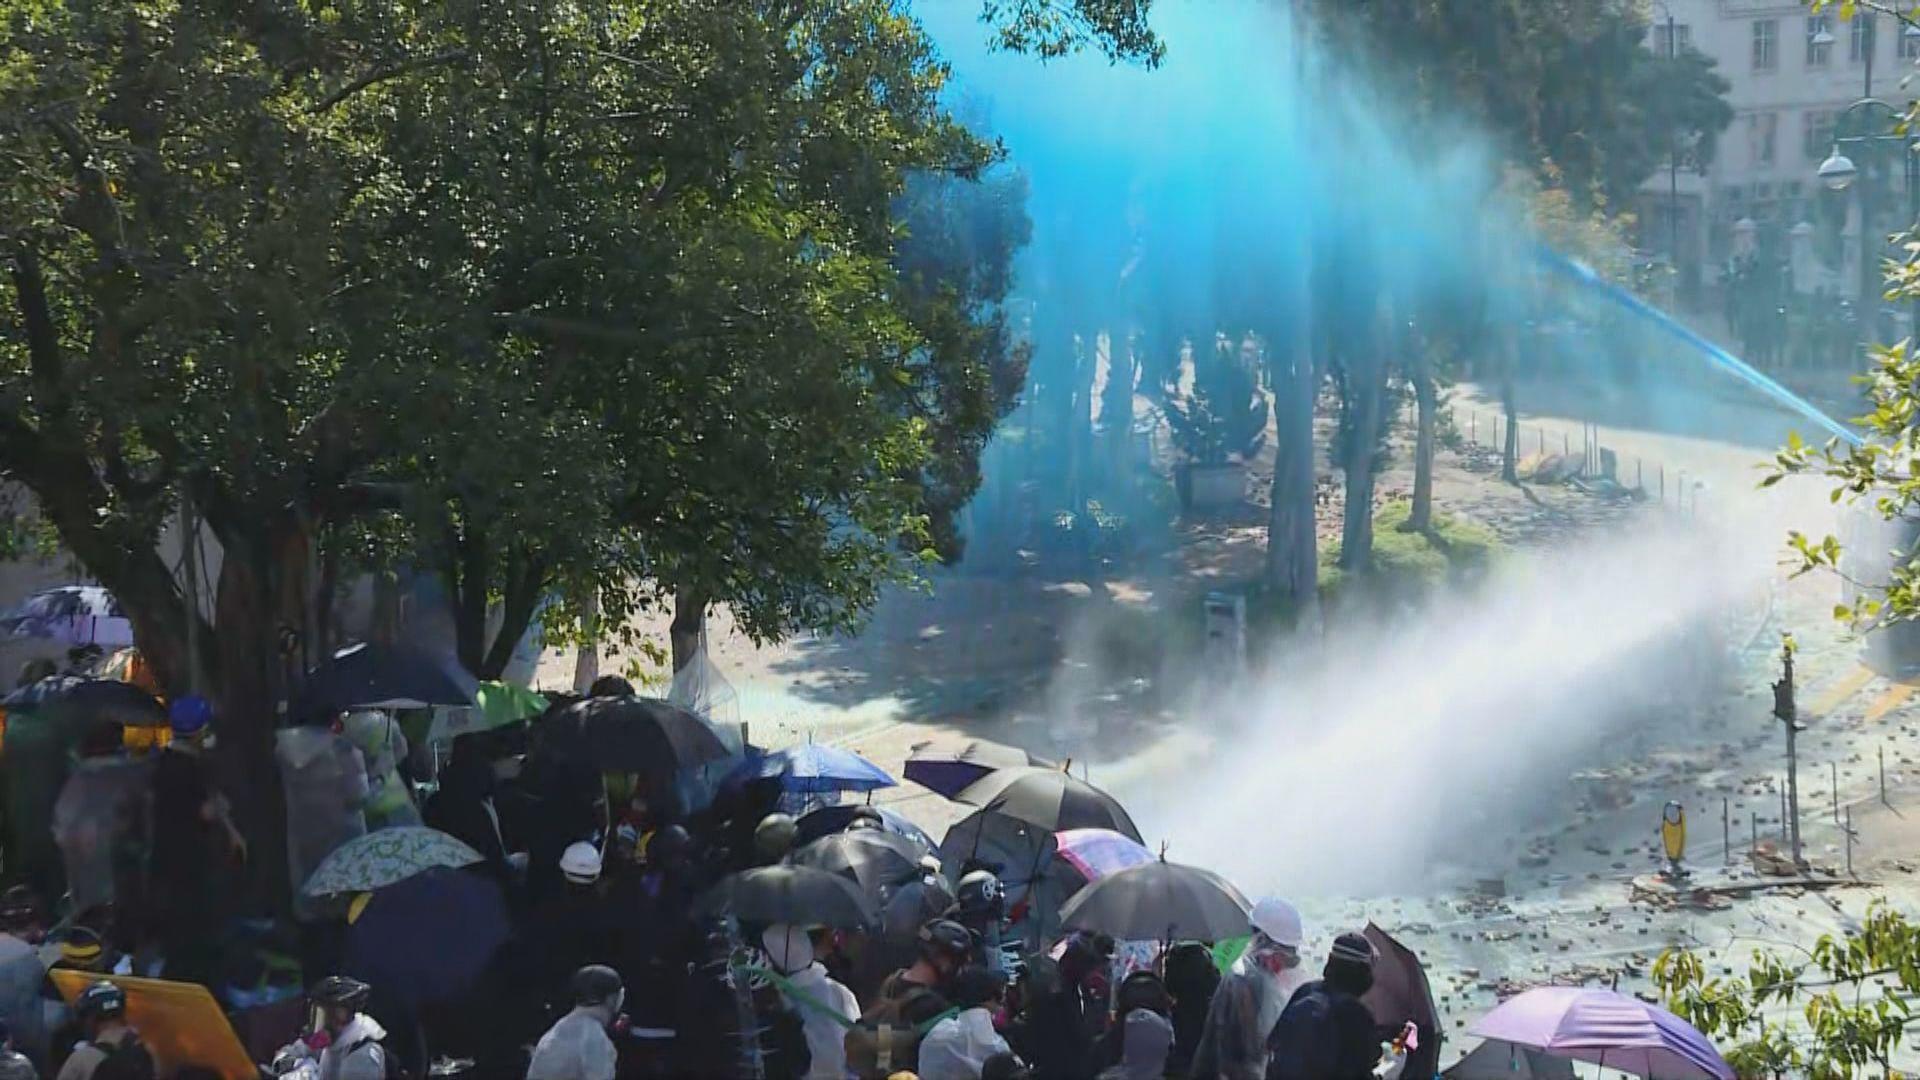 警方出動水炮車射藍色水驅散理大一帶示威者